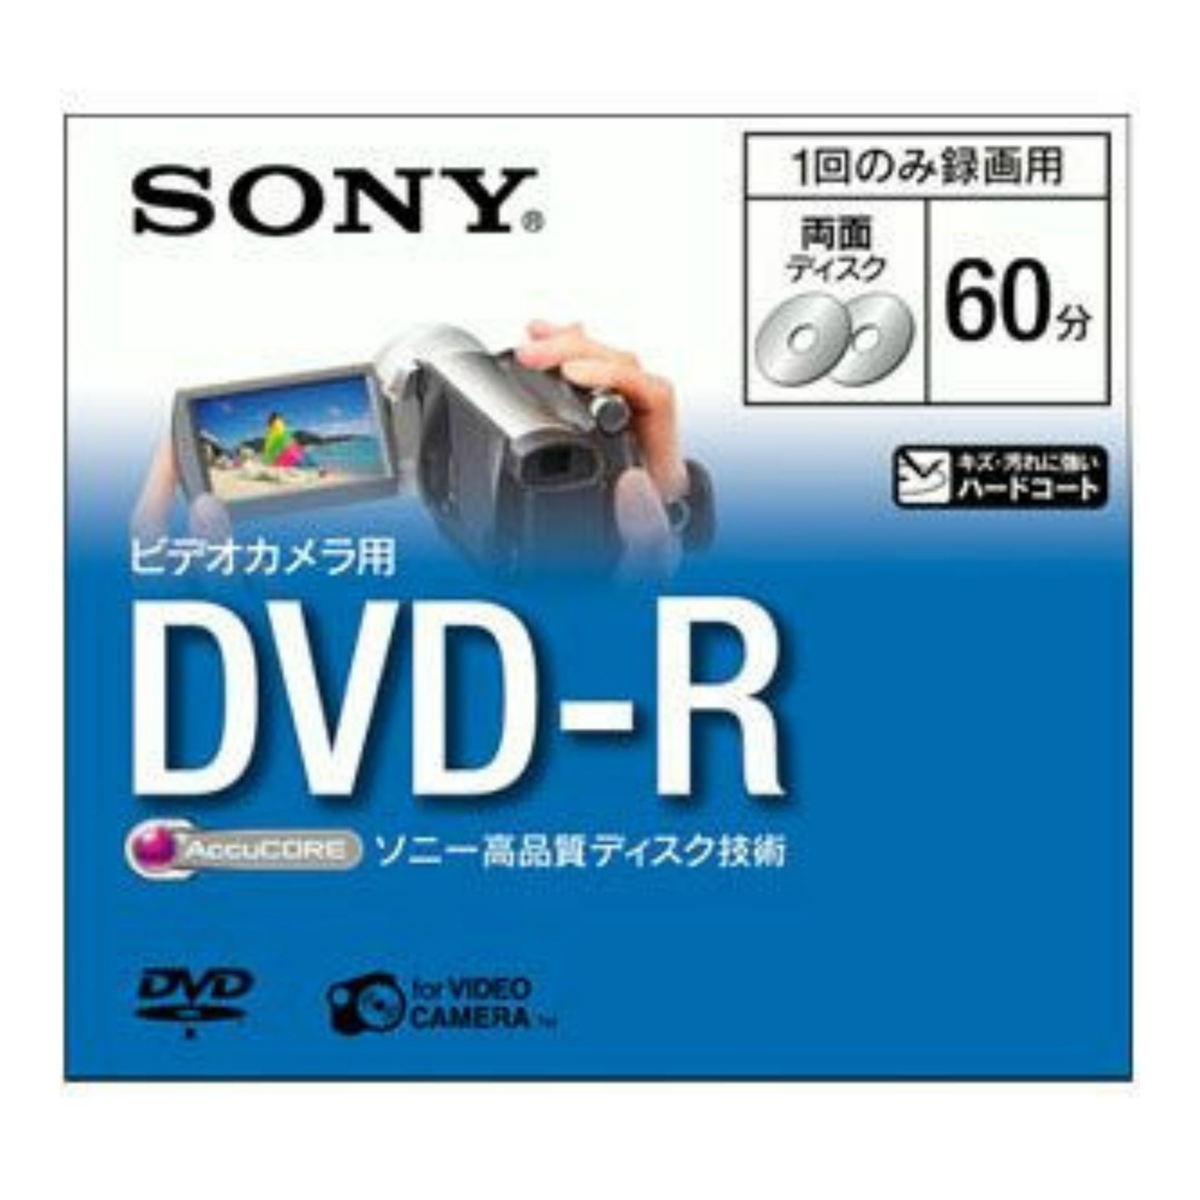 【送料無料】ソニーマーケティング ソニー8CMDVD DMR60A×100点セット まとめ買い特価!ケース販売 ( 4905524369632 )